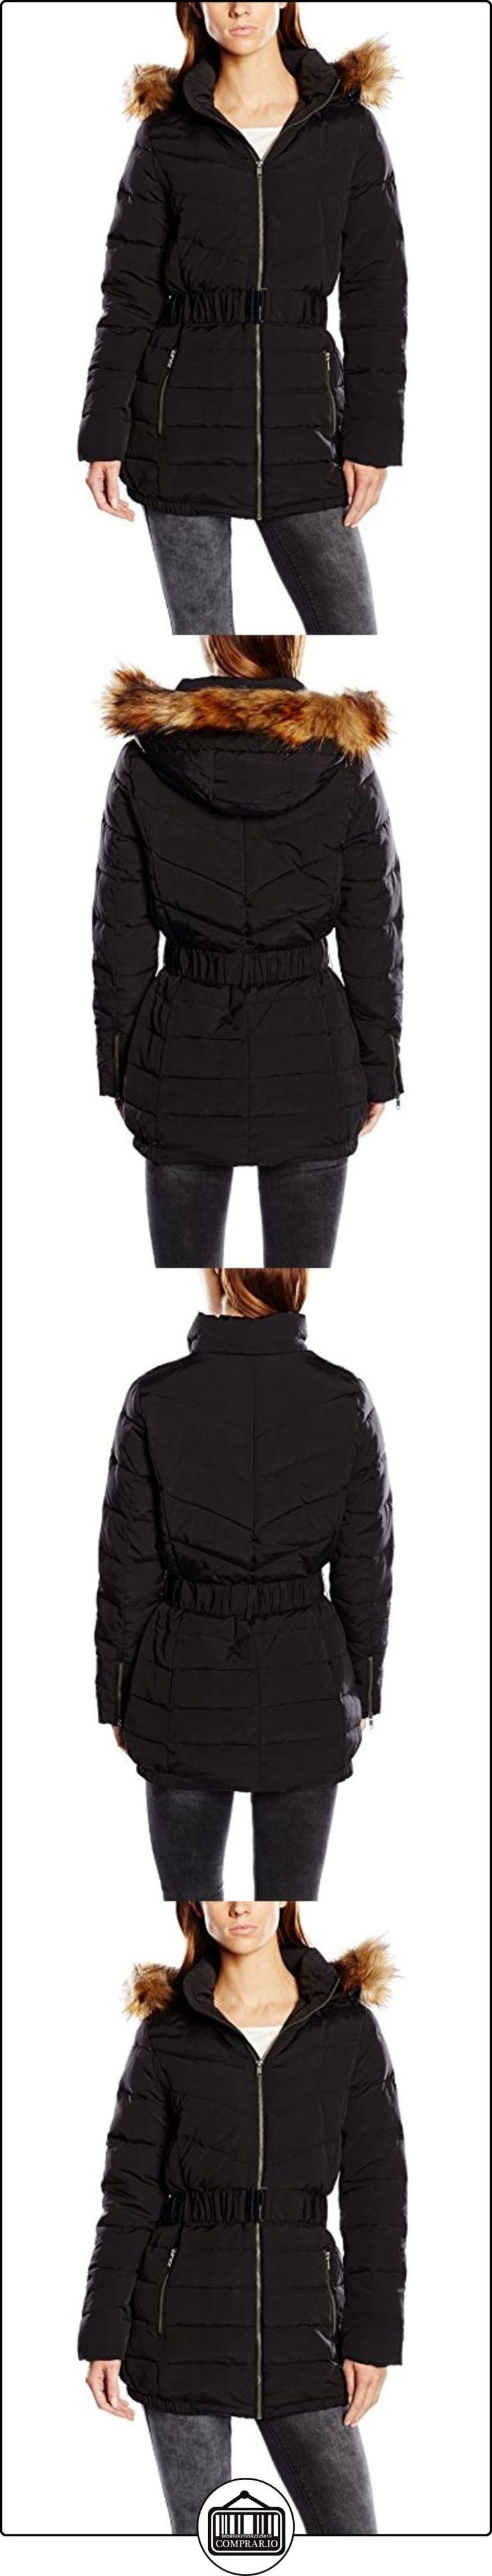 Naf Naf BELOW K2 - Abrigo de plumas para mujer, color negro, talla 34  ✿ Abrigos y chaquetas ✿